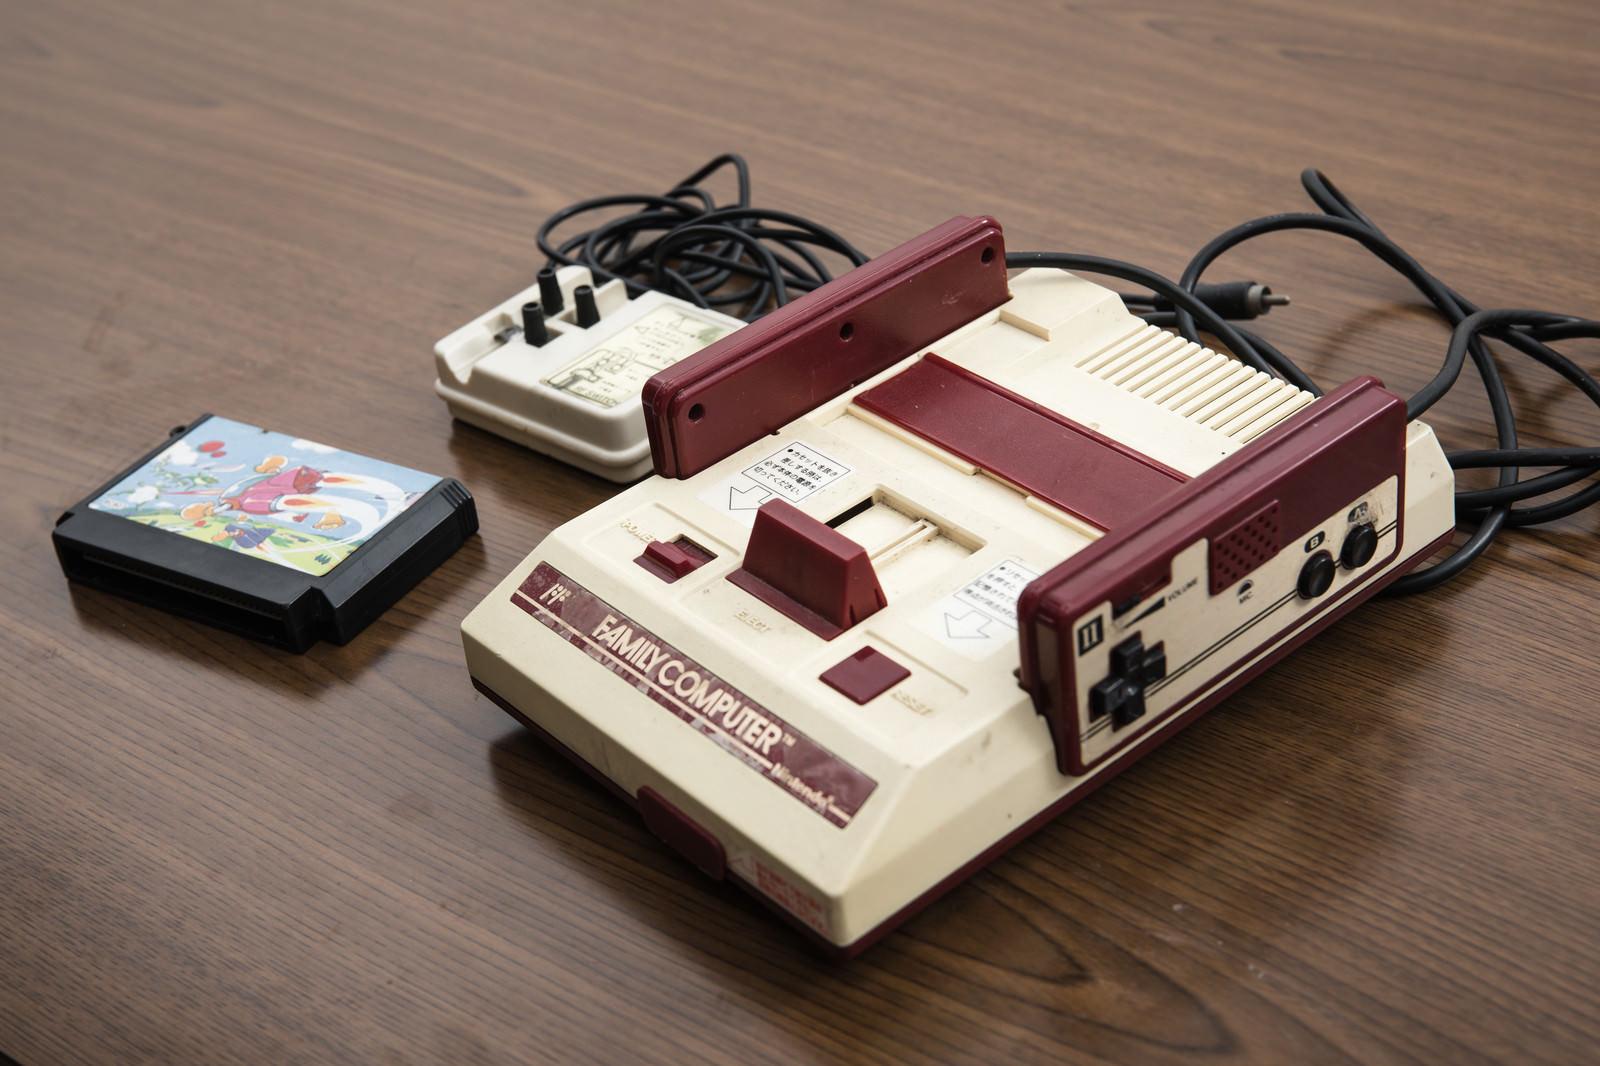 「懐かしの家庭用ゲーム機」の写真